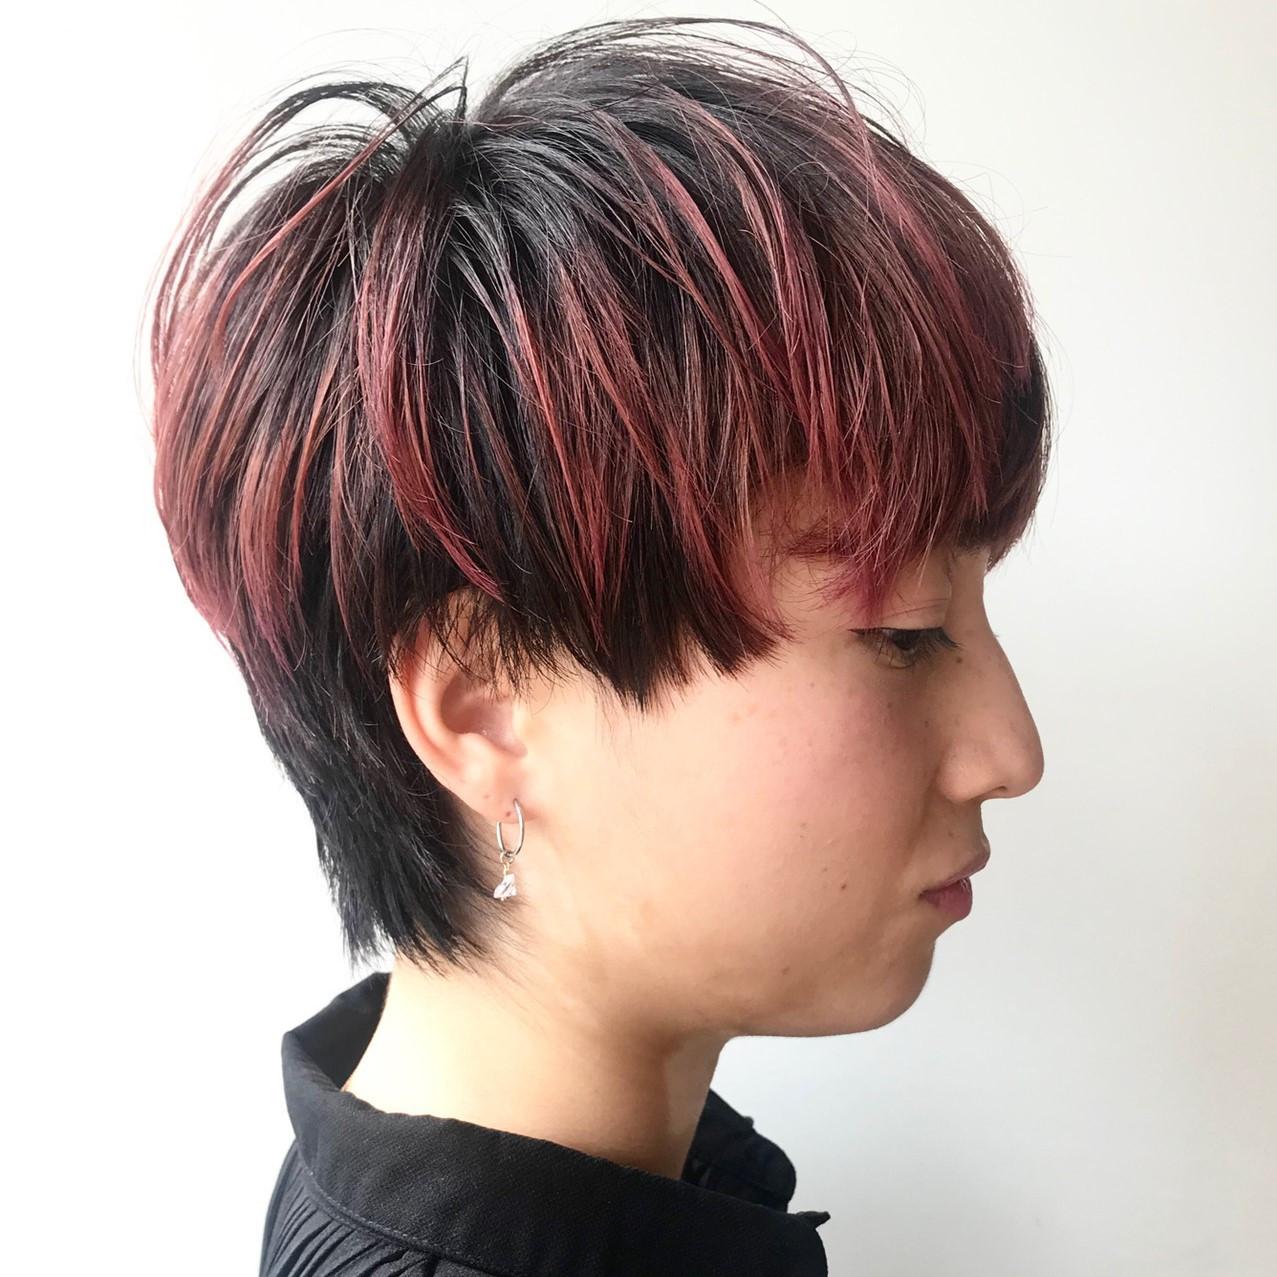 「普通」に飽きた人必見!ピンクのメッシュカラーで個性的なかわいいをGET☆